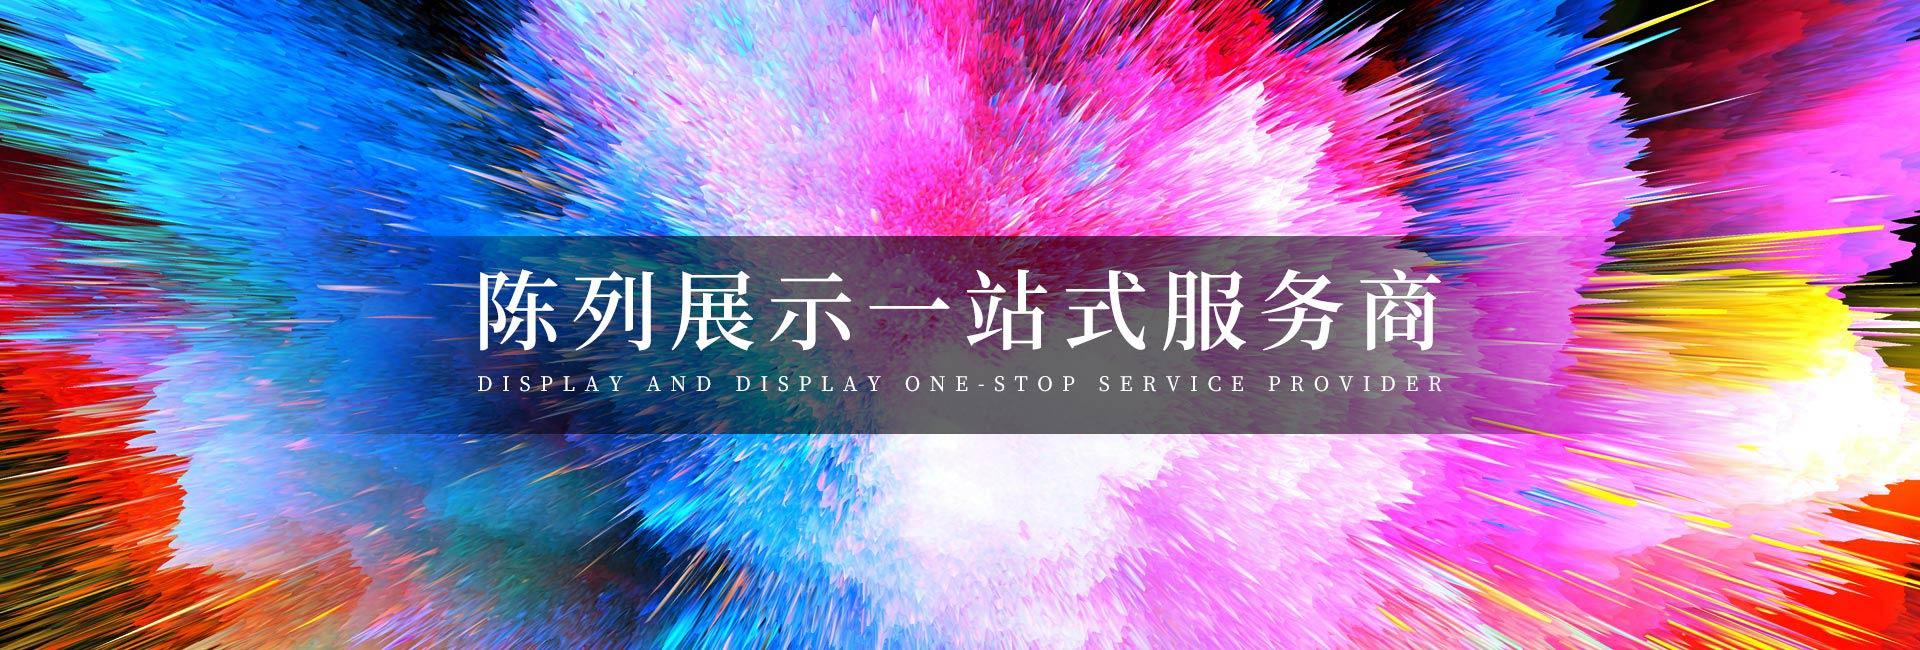 澳澌汀-陈列展示,一站式服务商